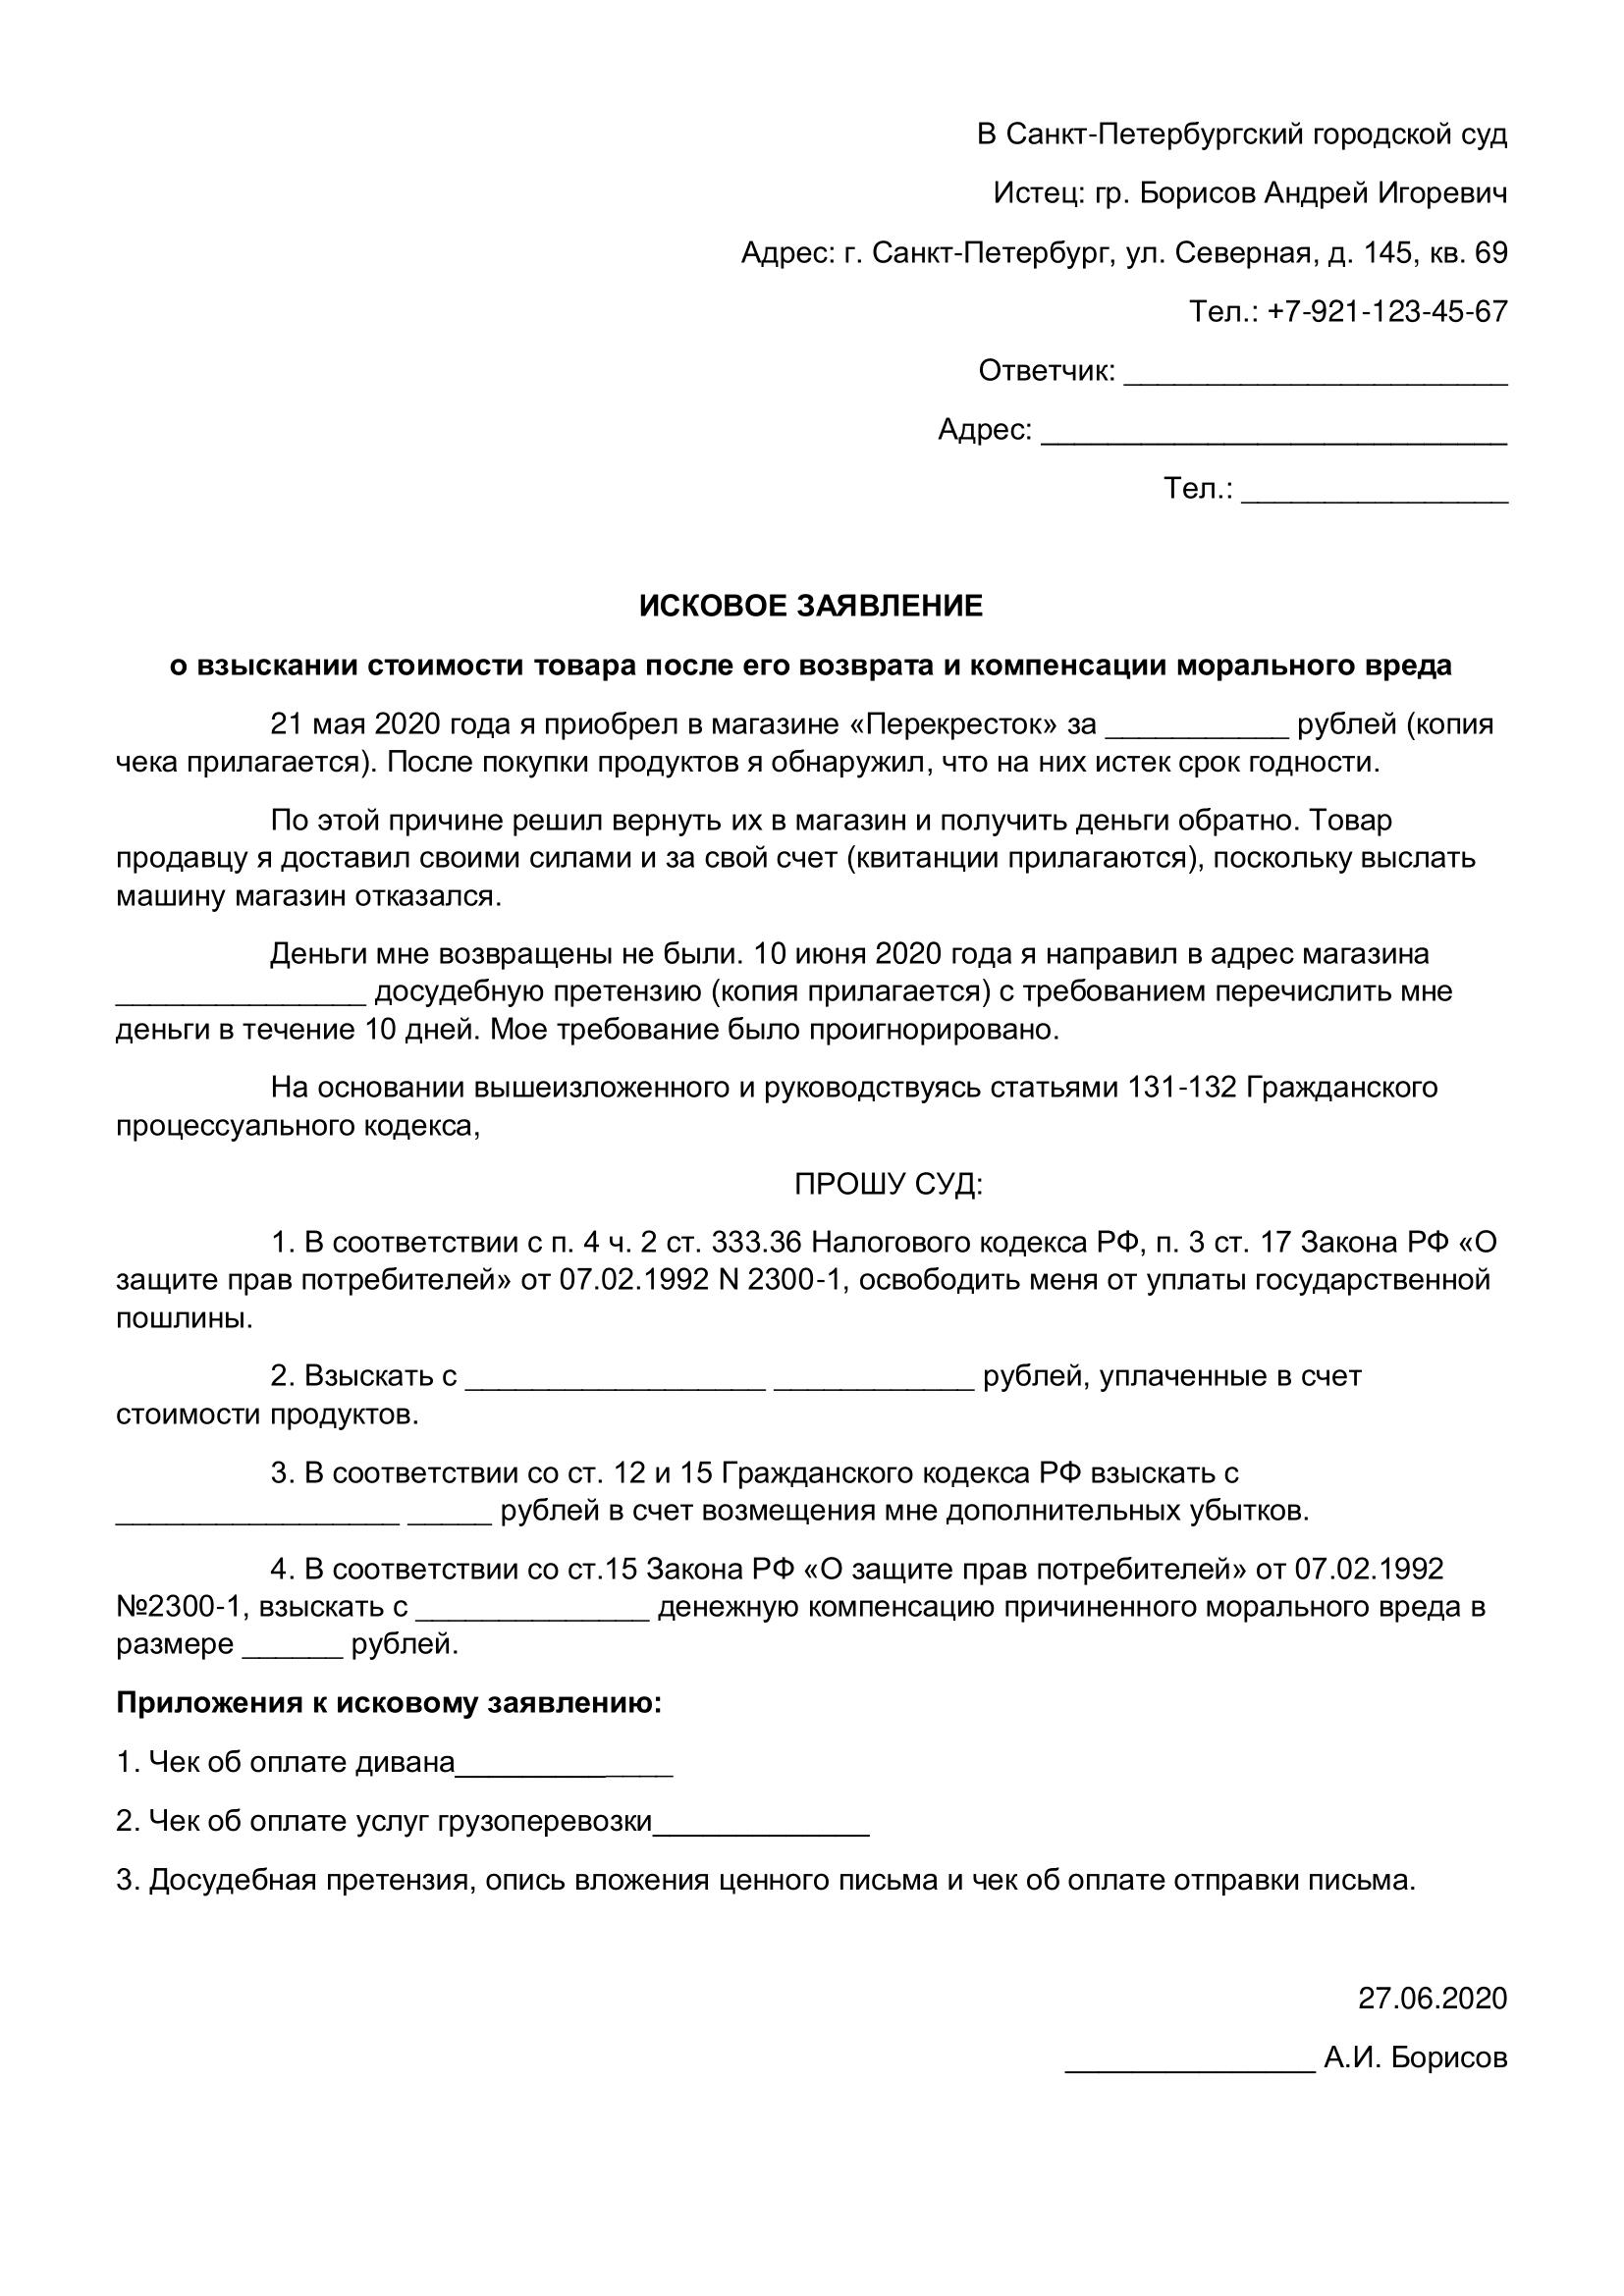 Исковое заявление на магазин перекресток за продажу просроченного товара